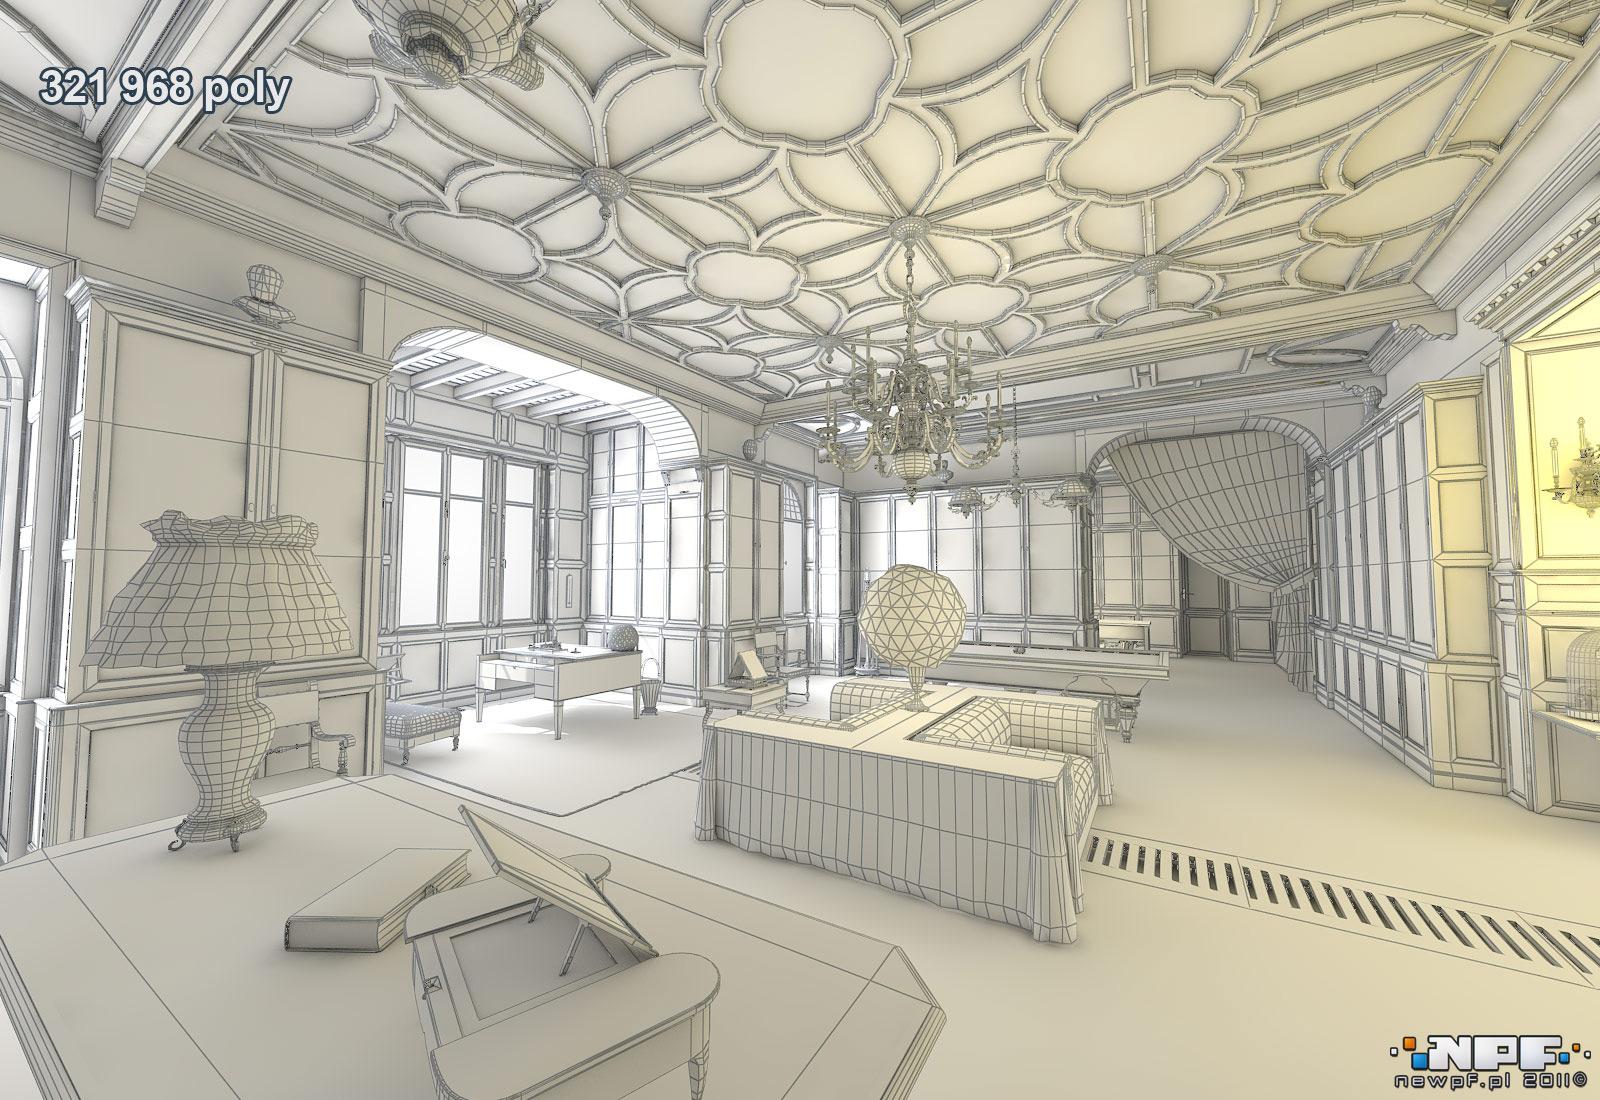 Biblioteka w Łańcucie 1 - model